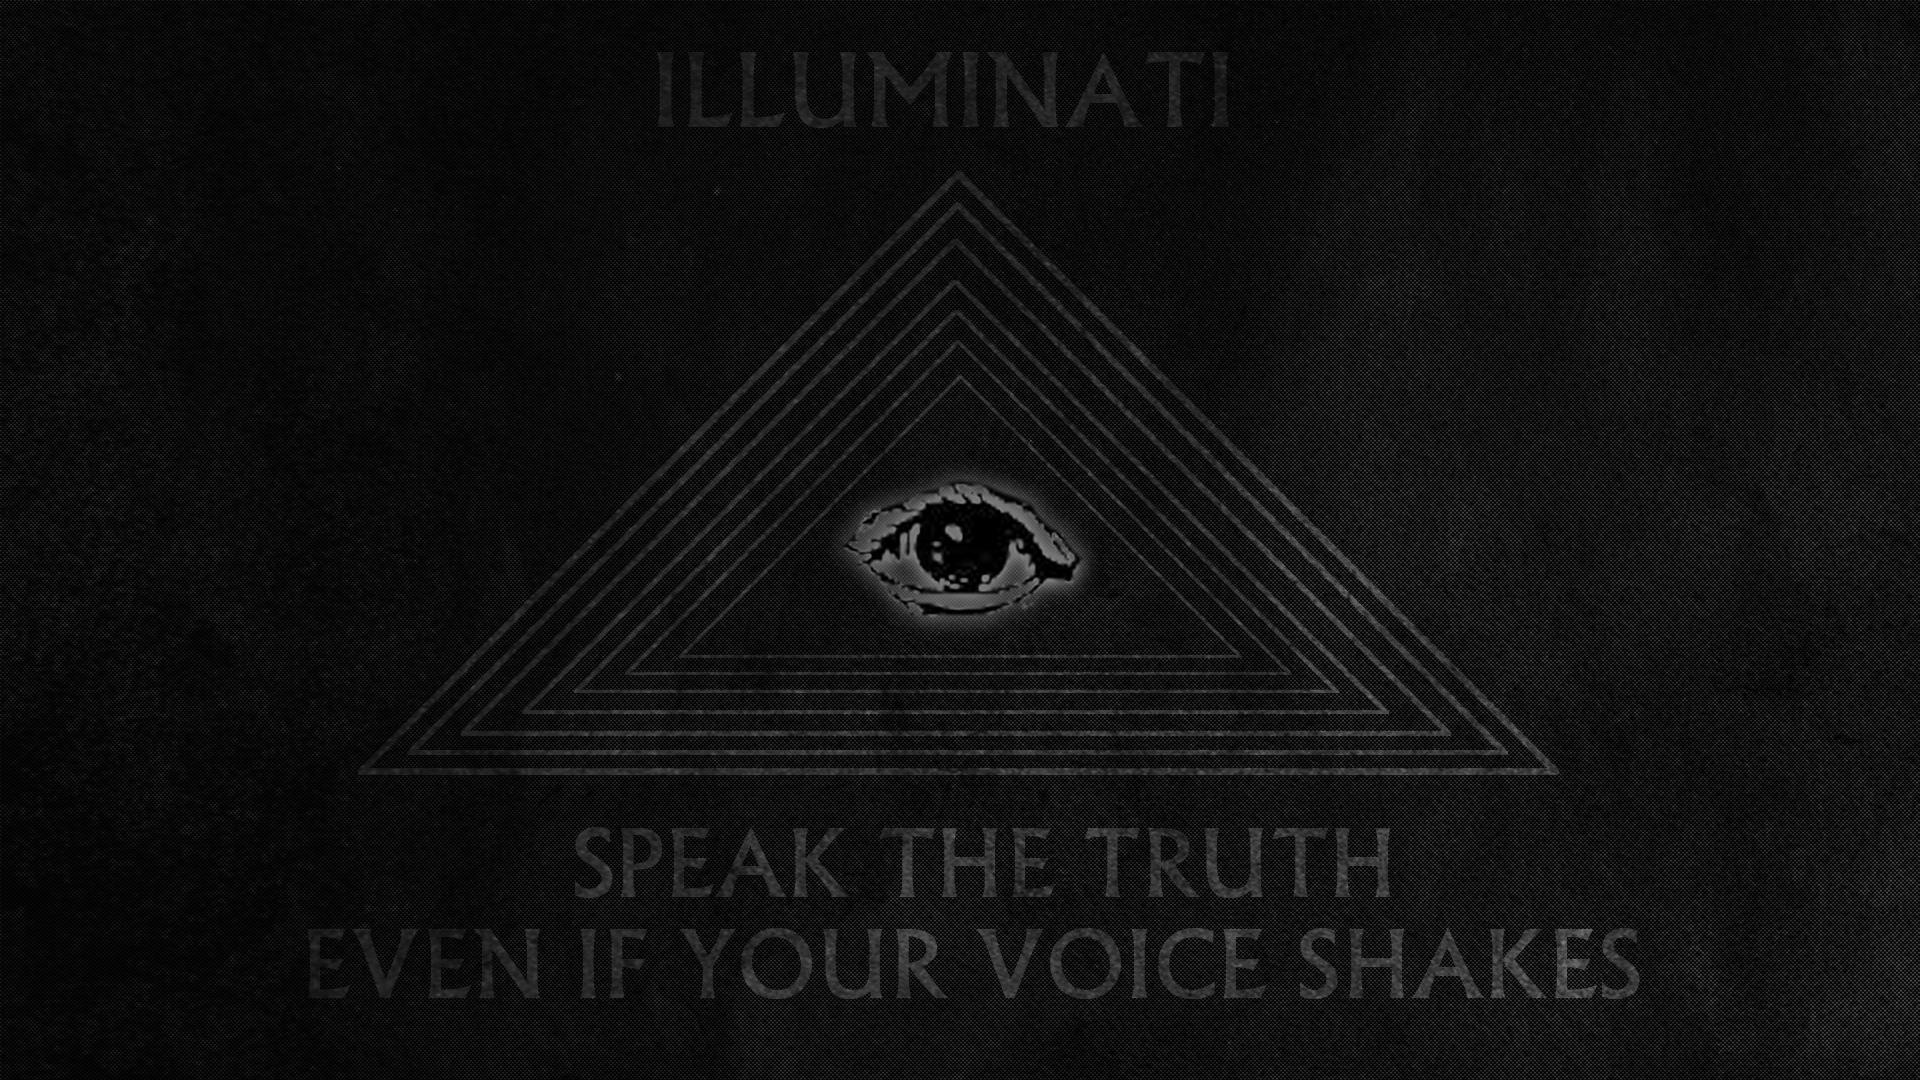 1 Illuminati Fondos De Pantalla Hd Fondos De Escritorio